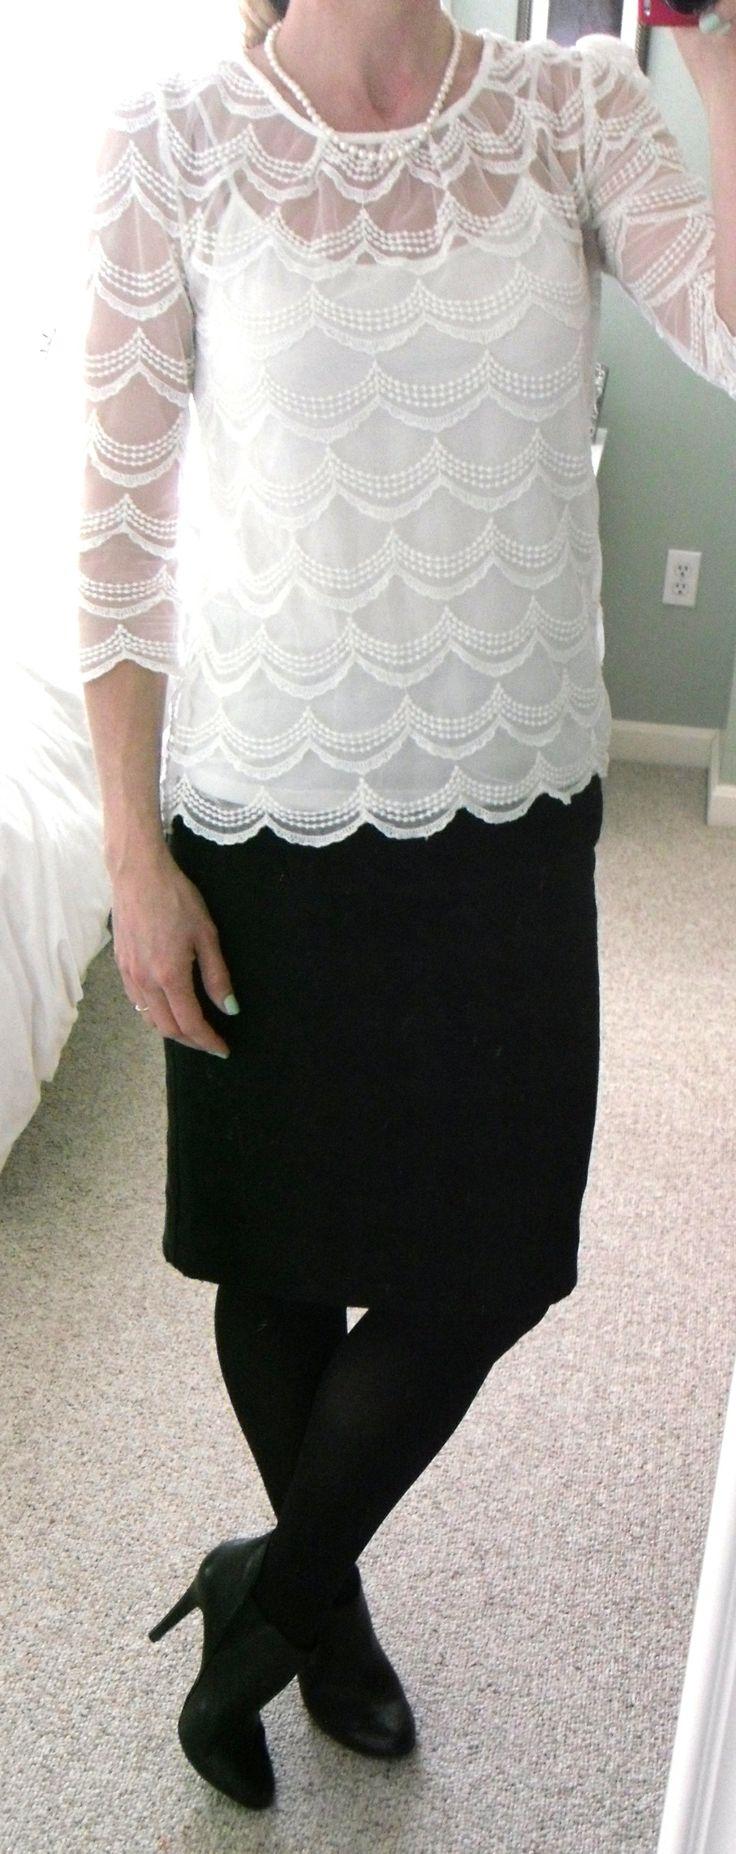 best 25 funeral attire ideas on pinterest funeral wear